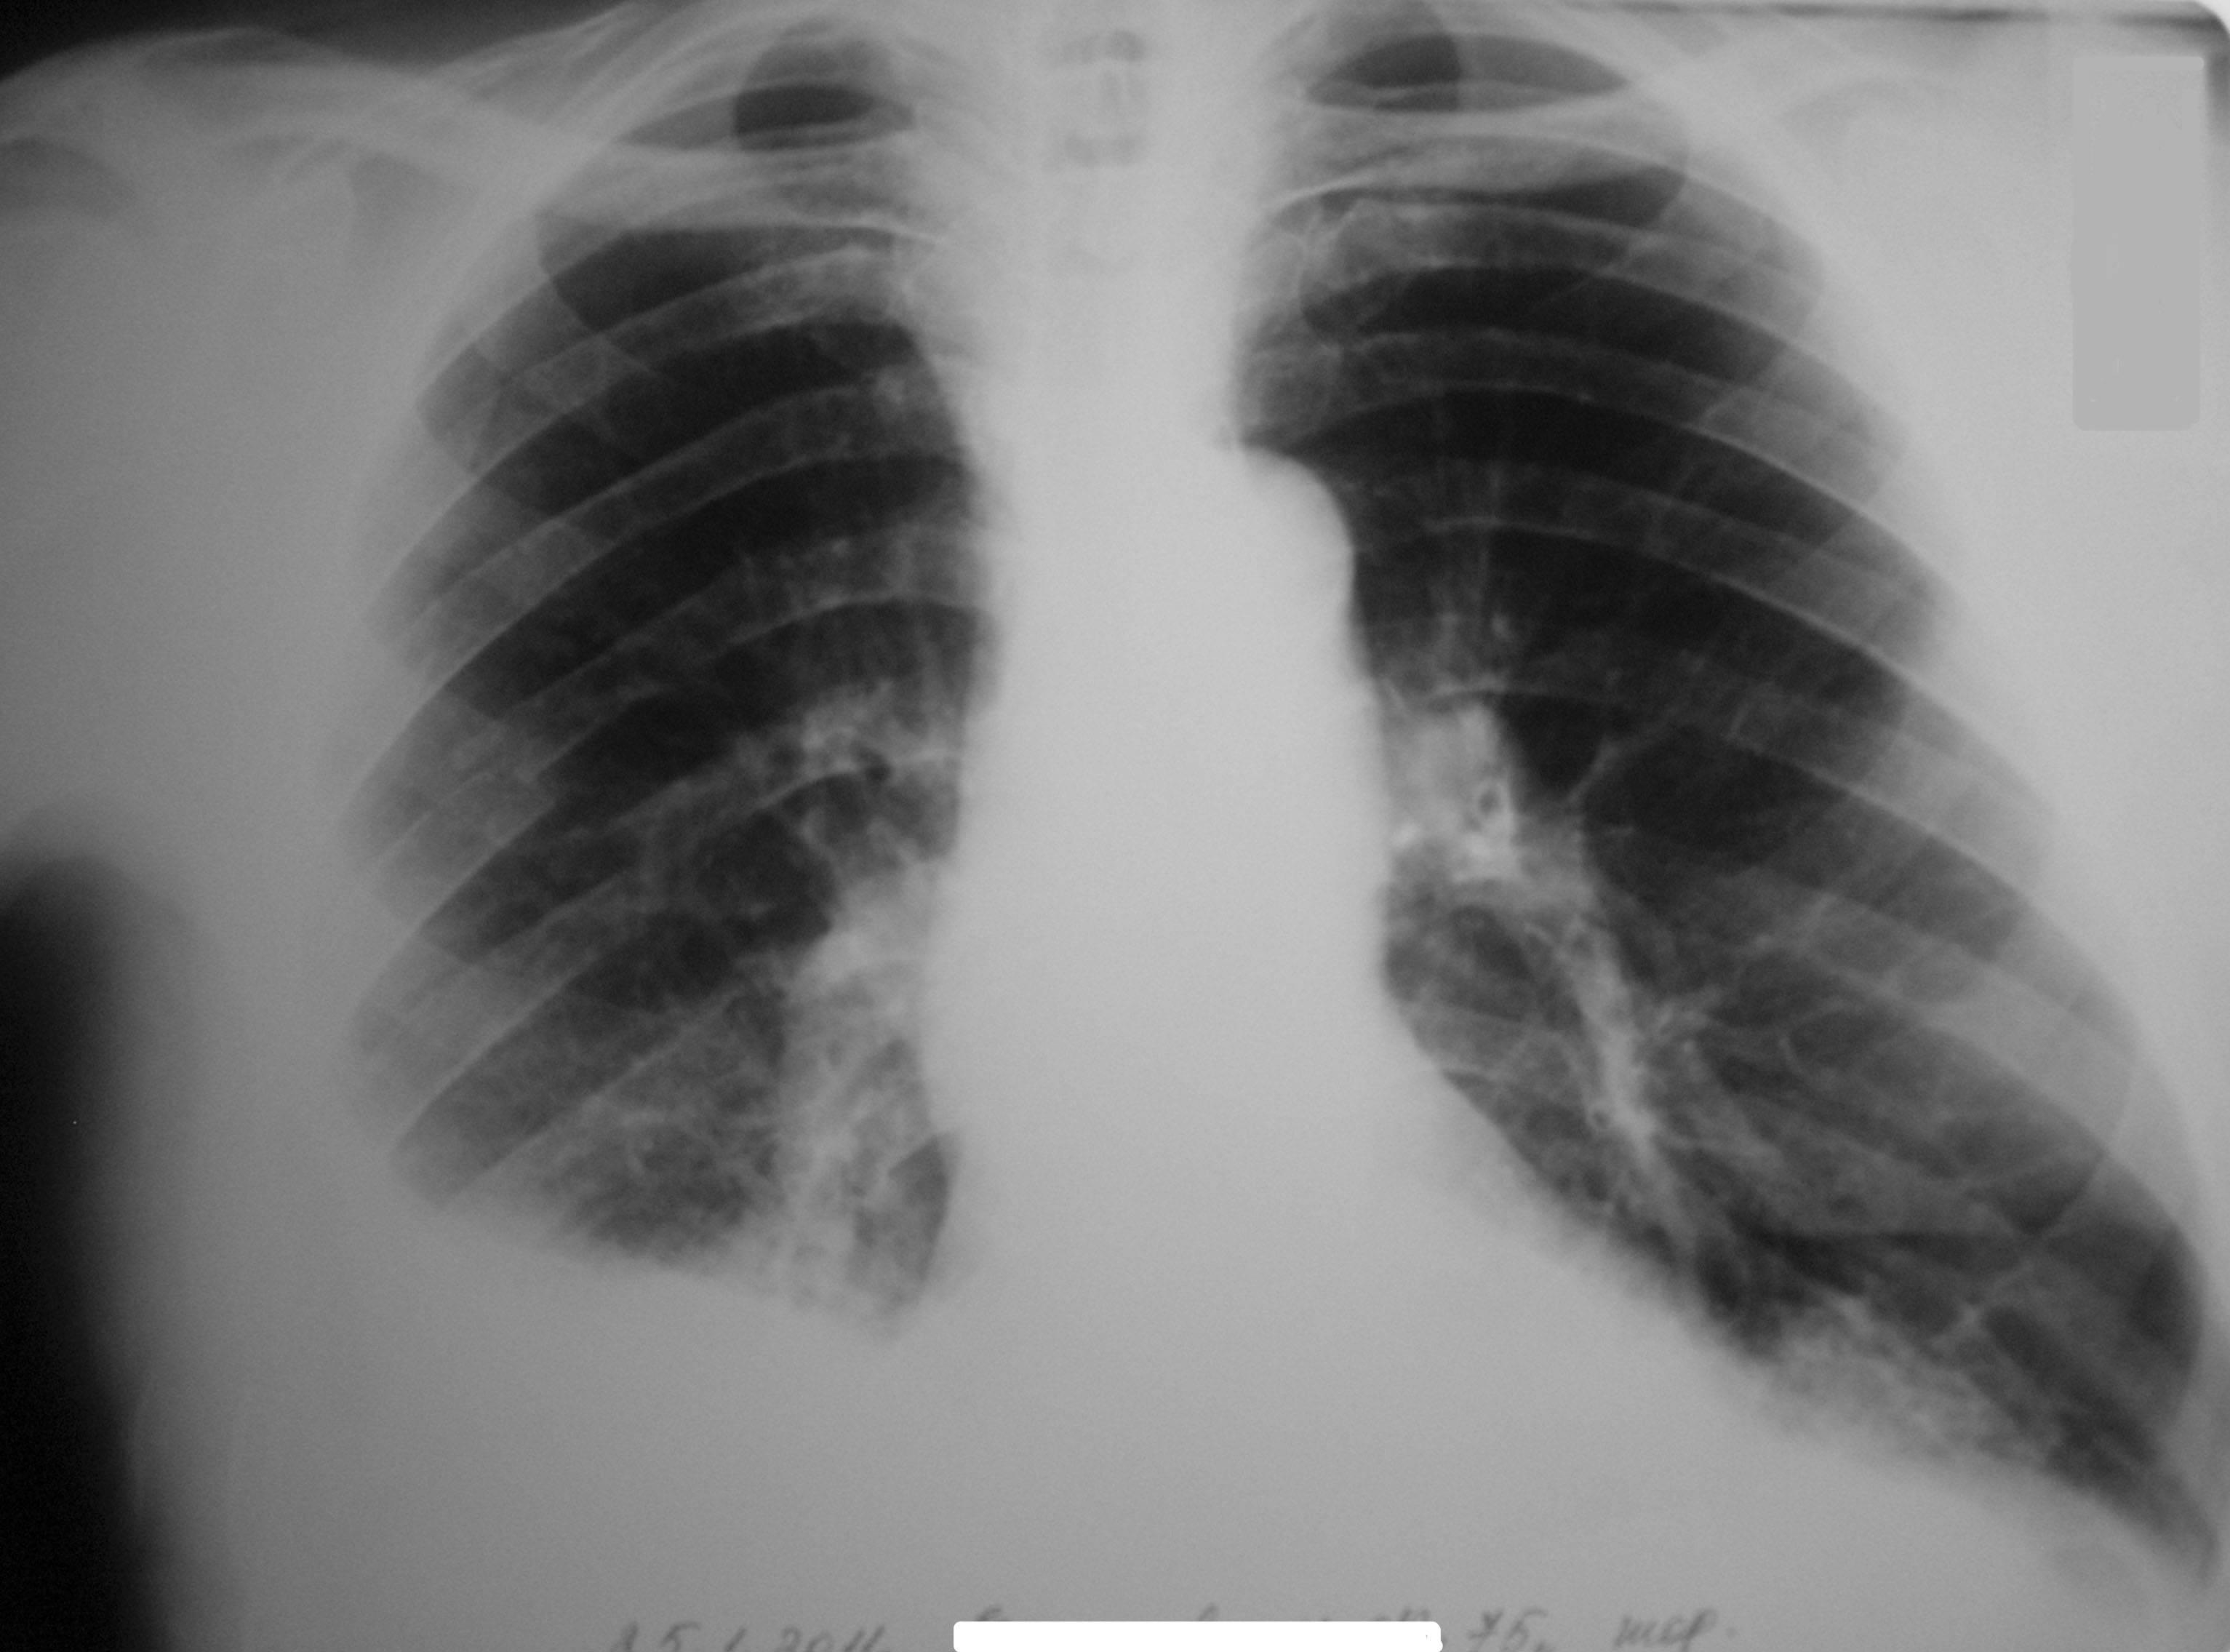 Снимки легких при туберкулезе: фото и подробные описания